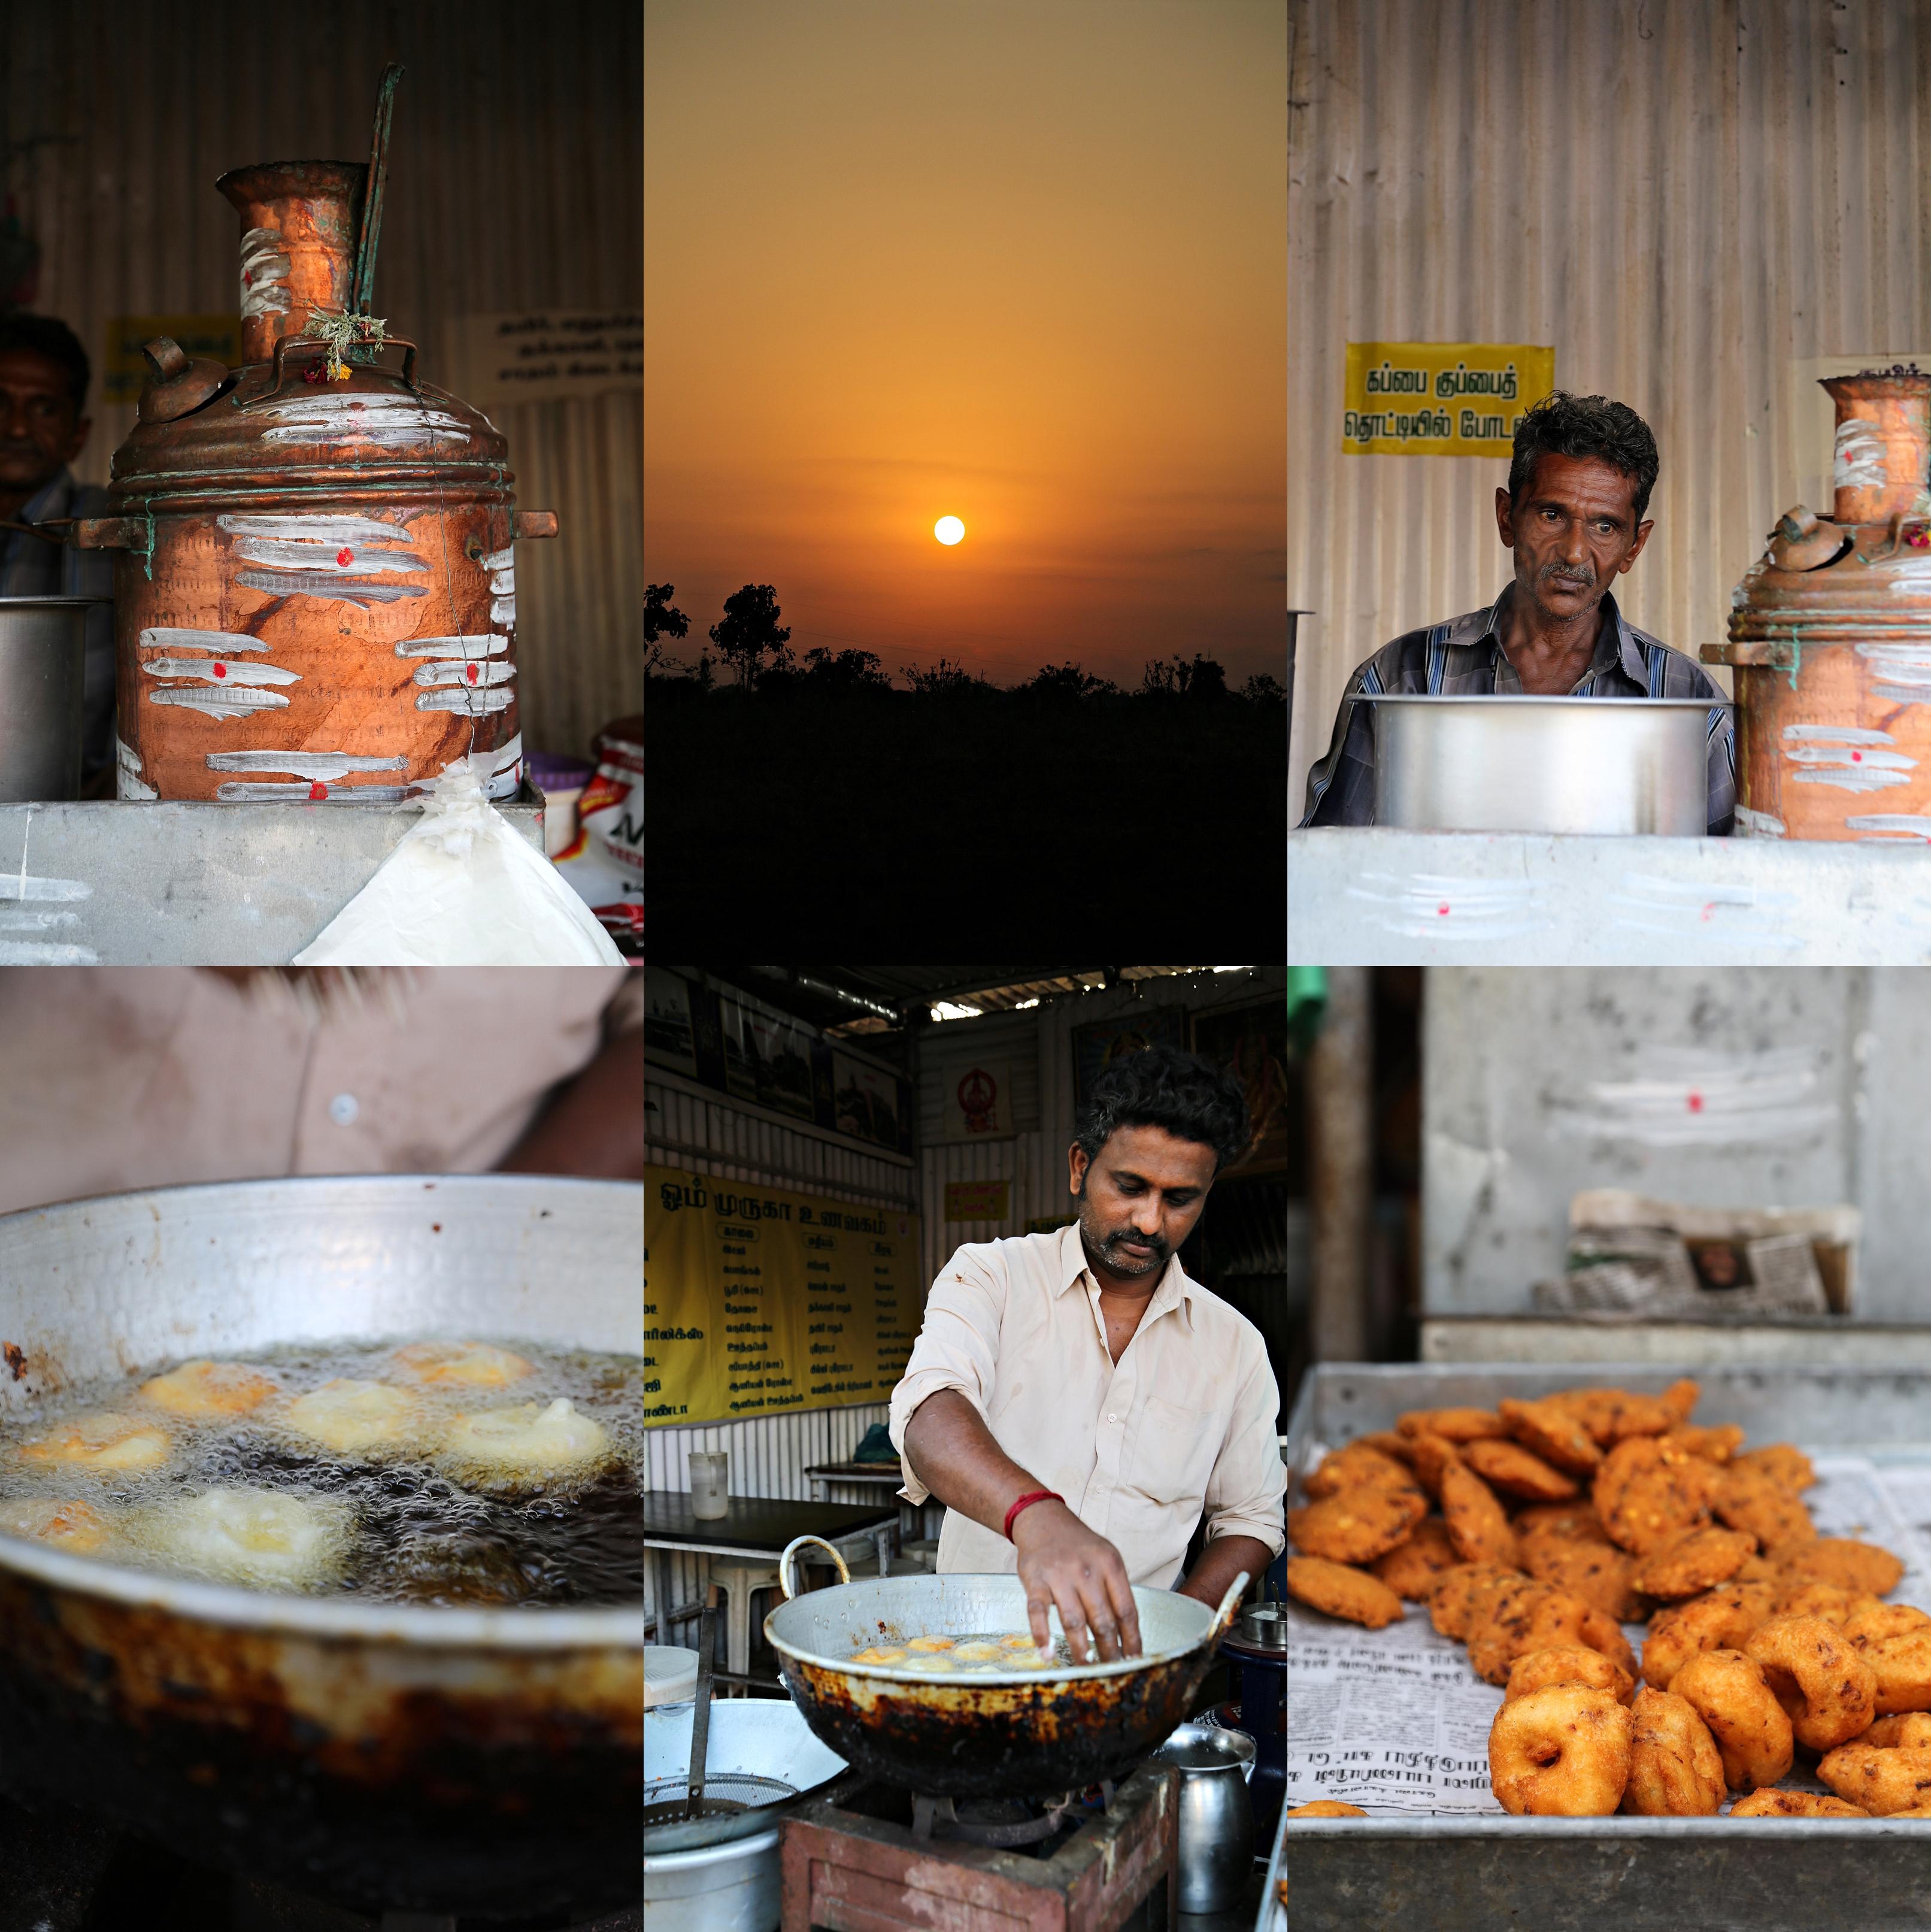 Street Breakfast, Chettinad, South India